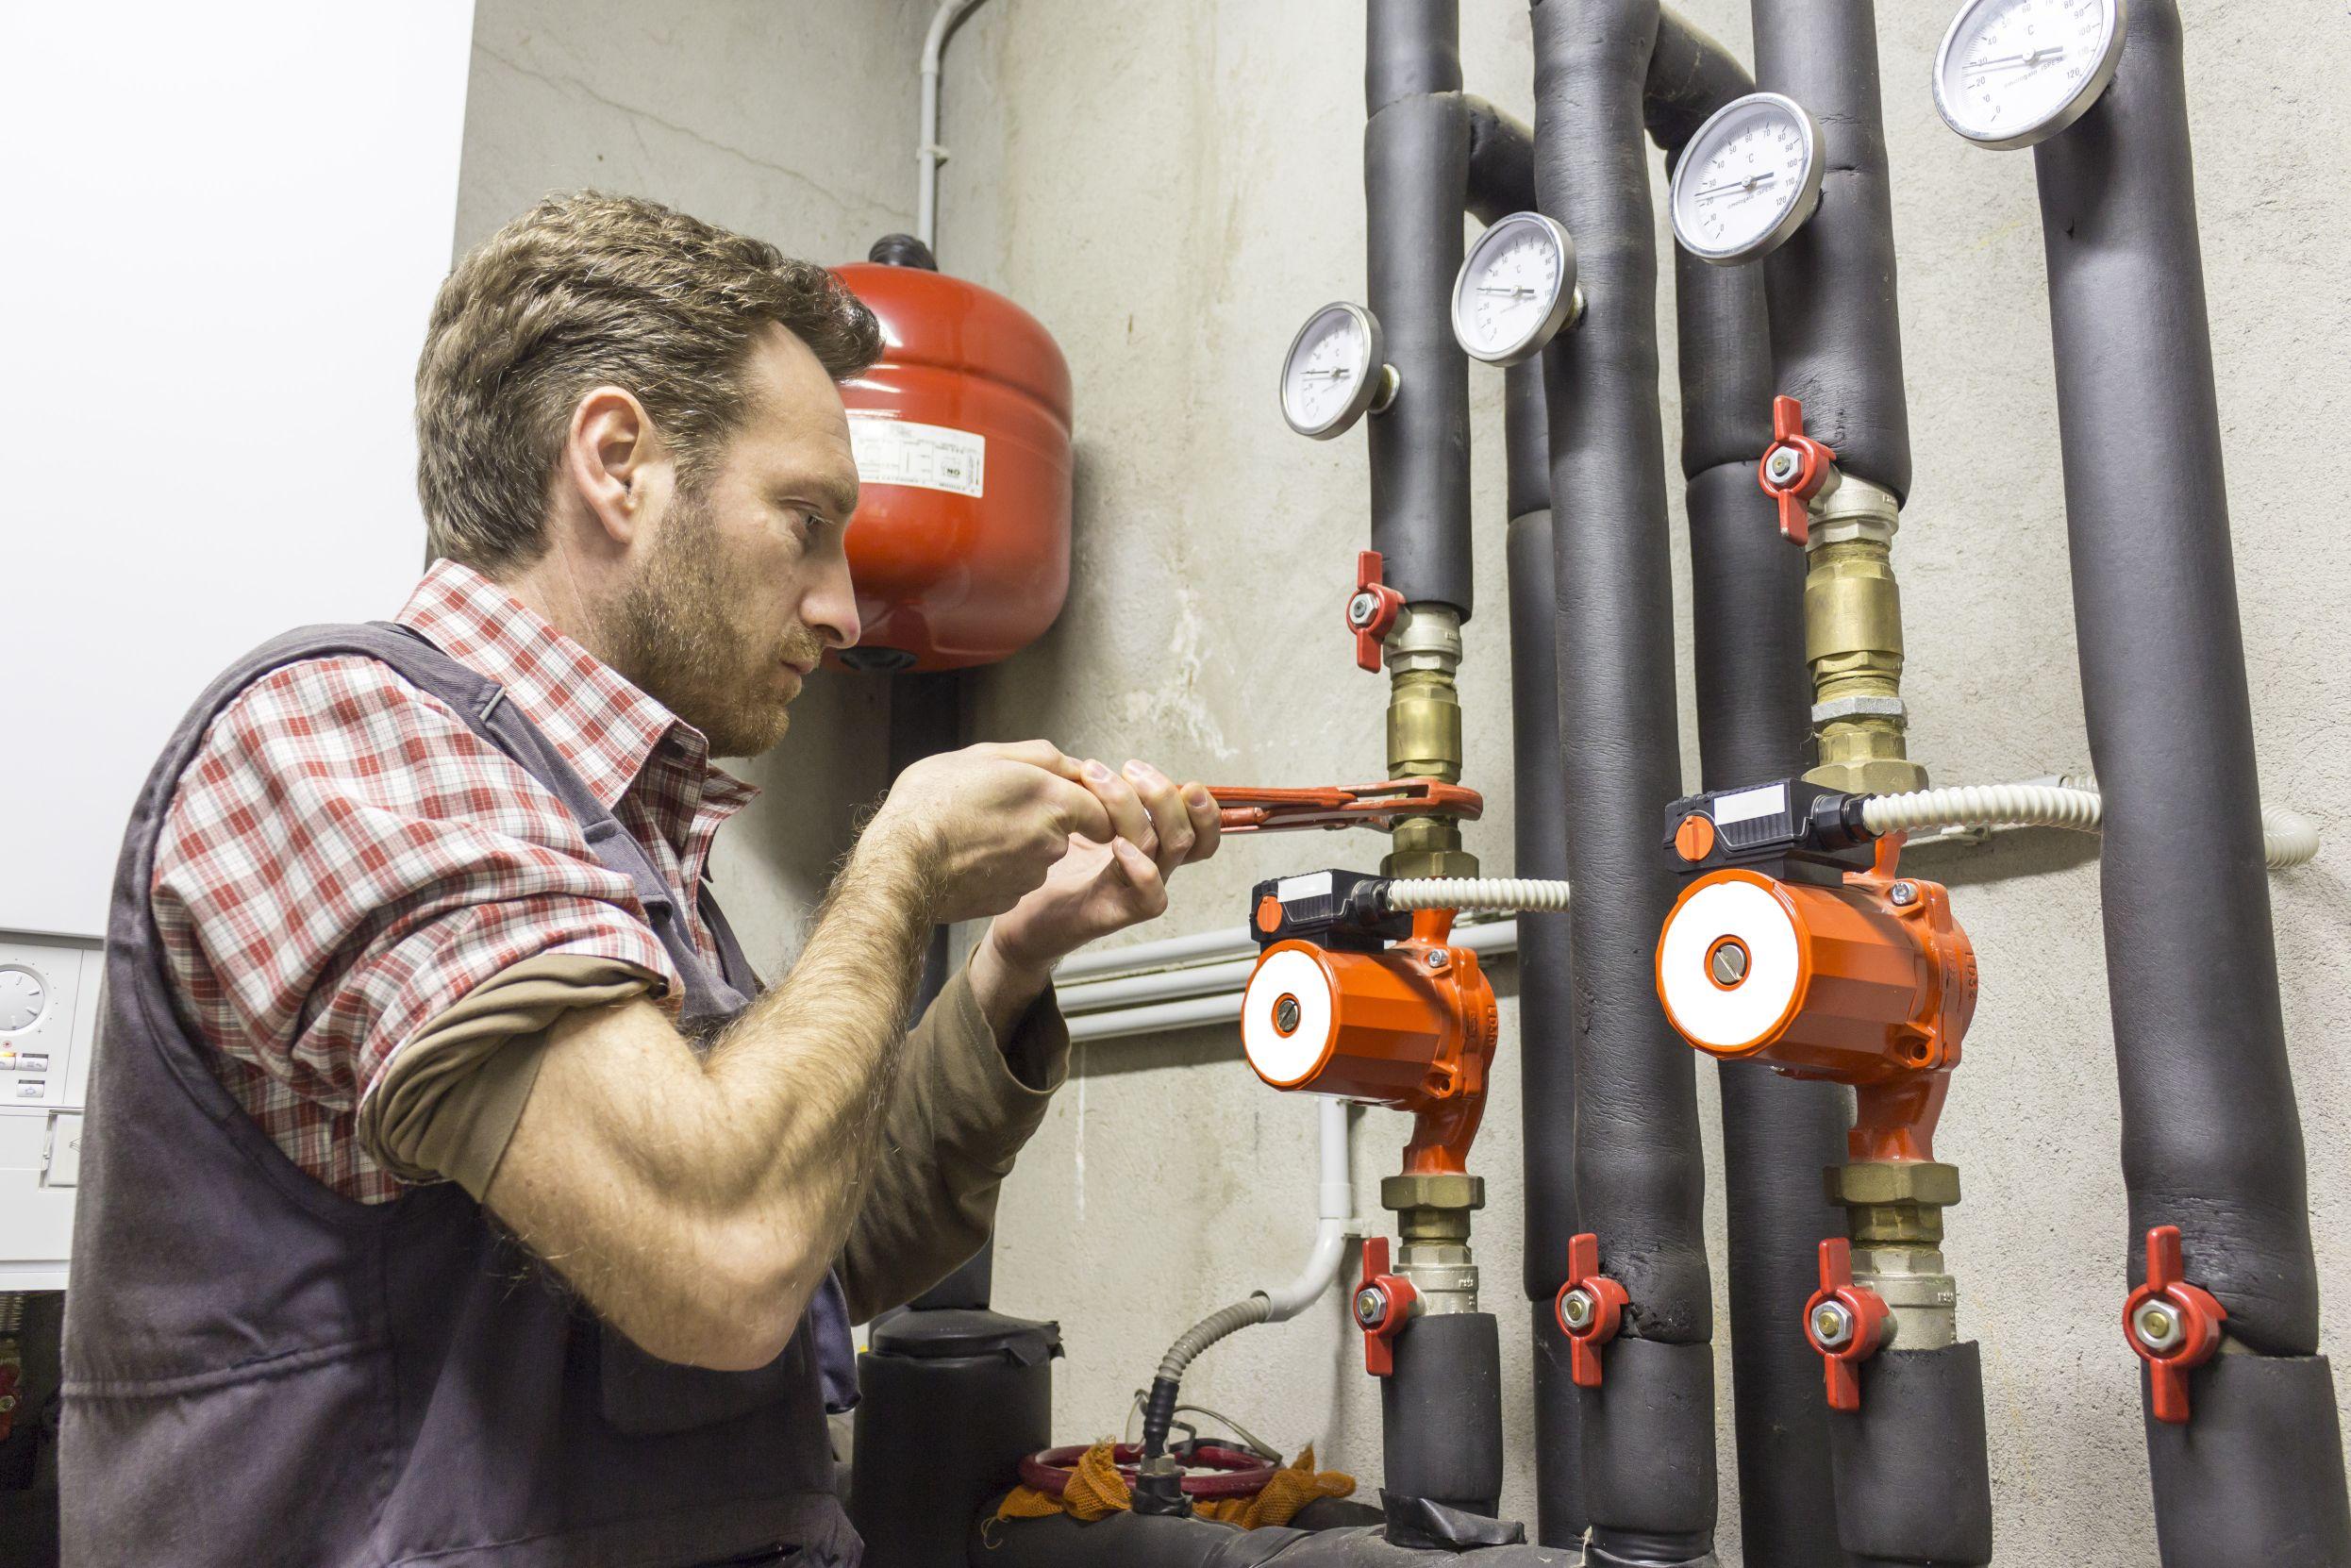 Plumbing Plan Services